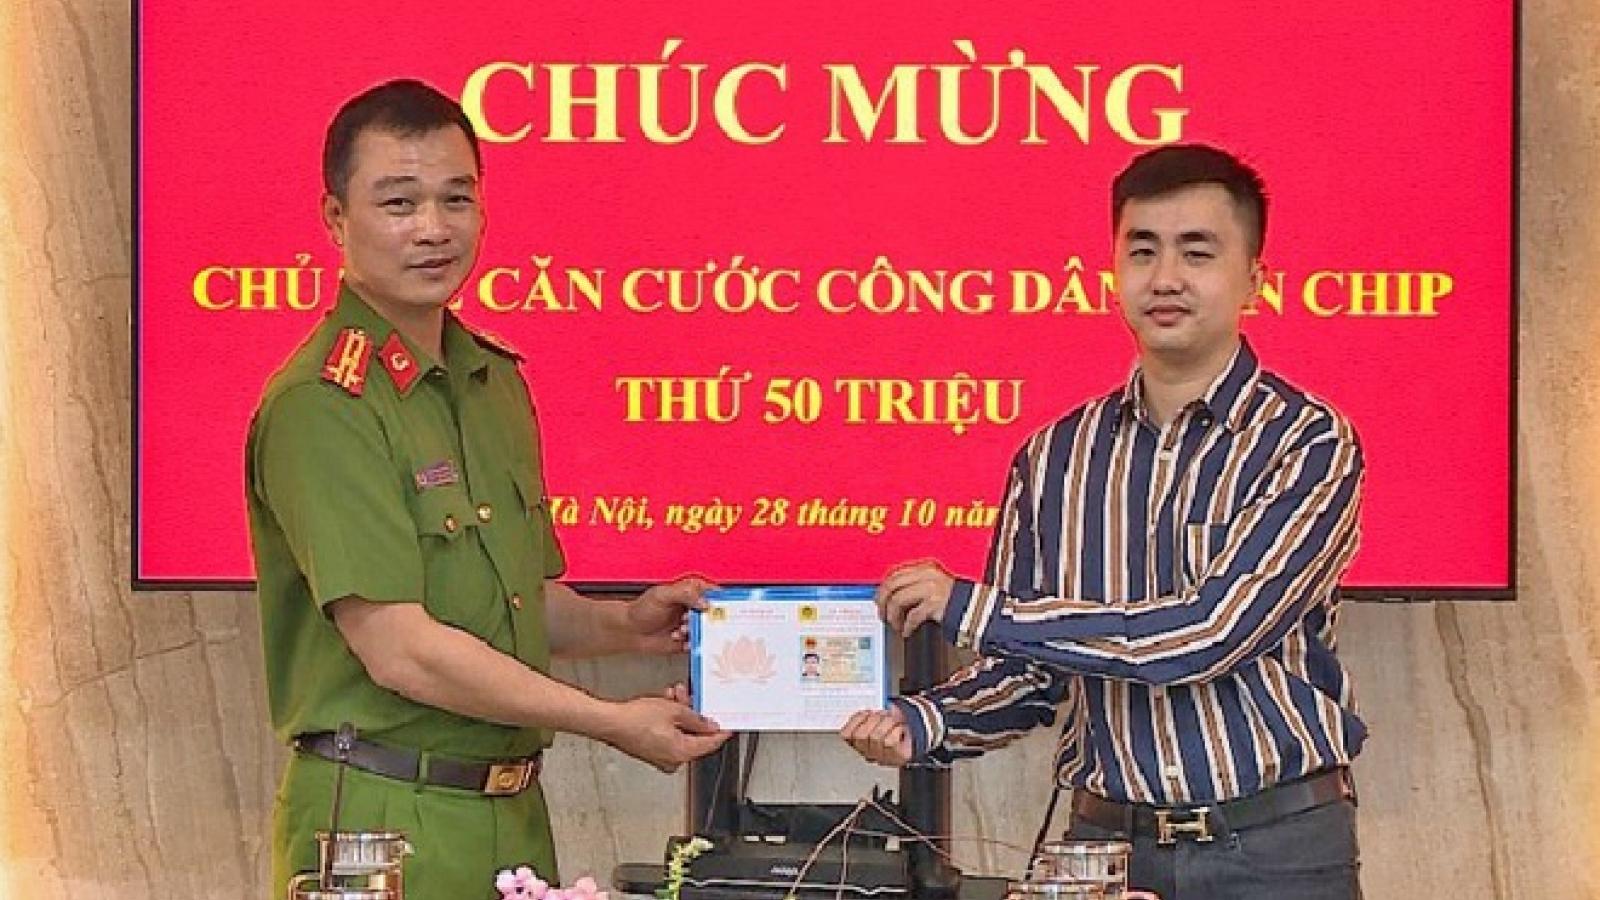 Trao thẻ căn cước gắn chip thứ 50 triệu cho công dân Hà Nội